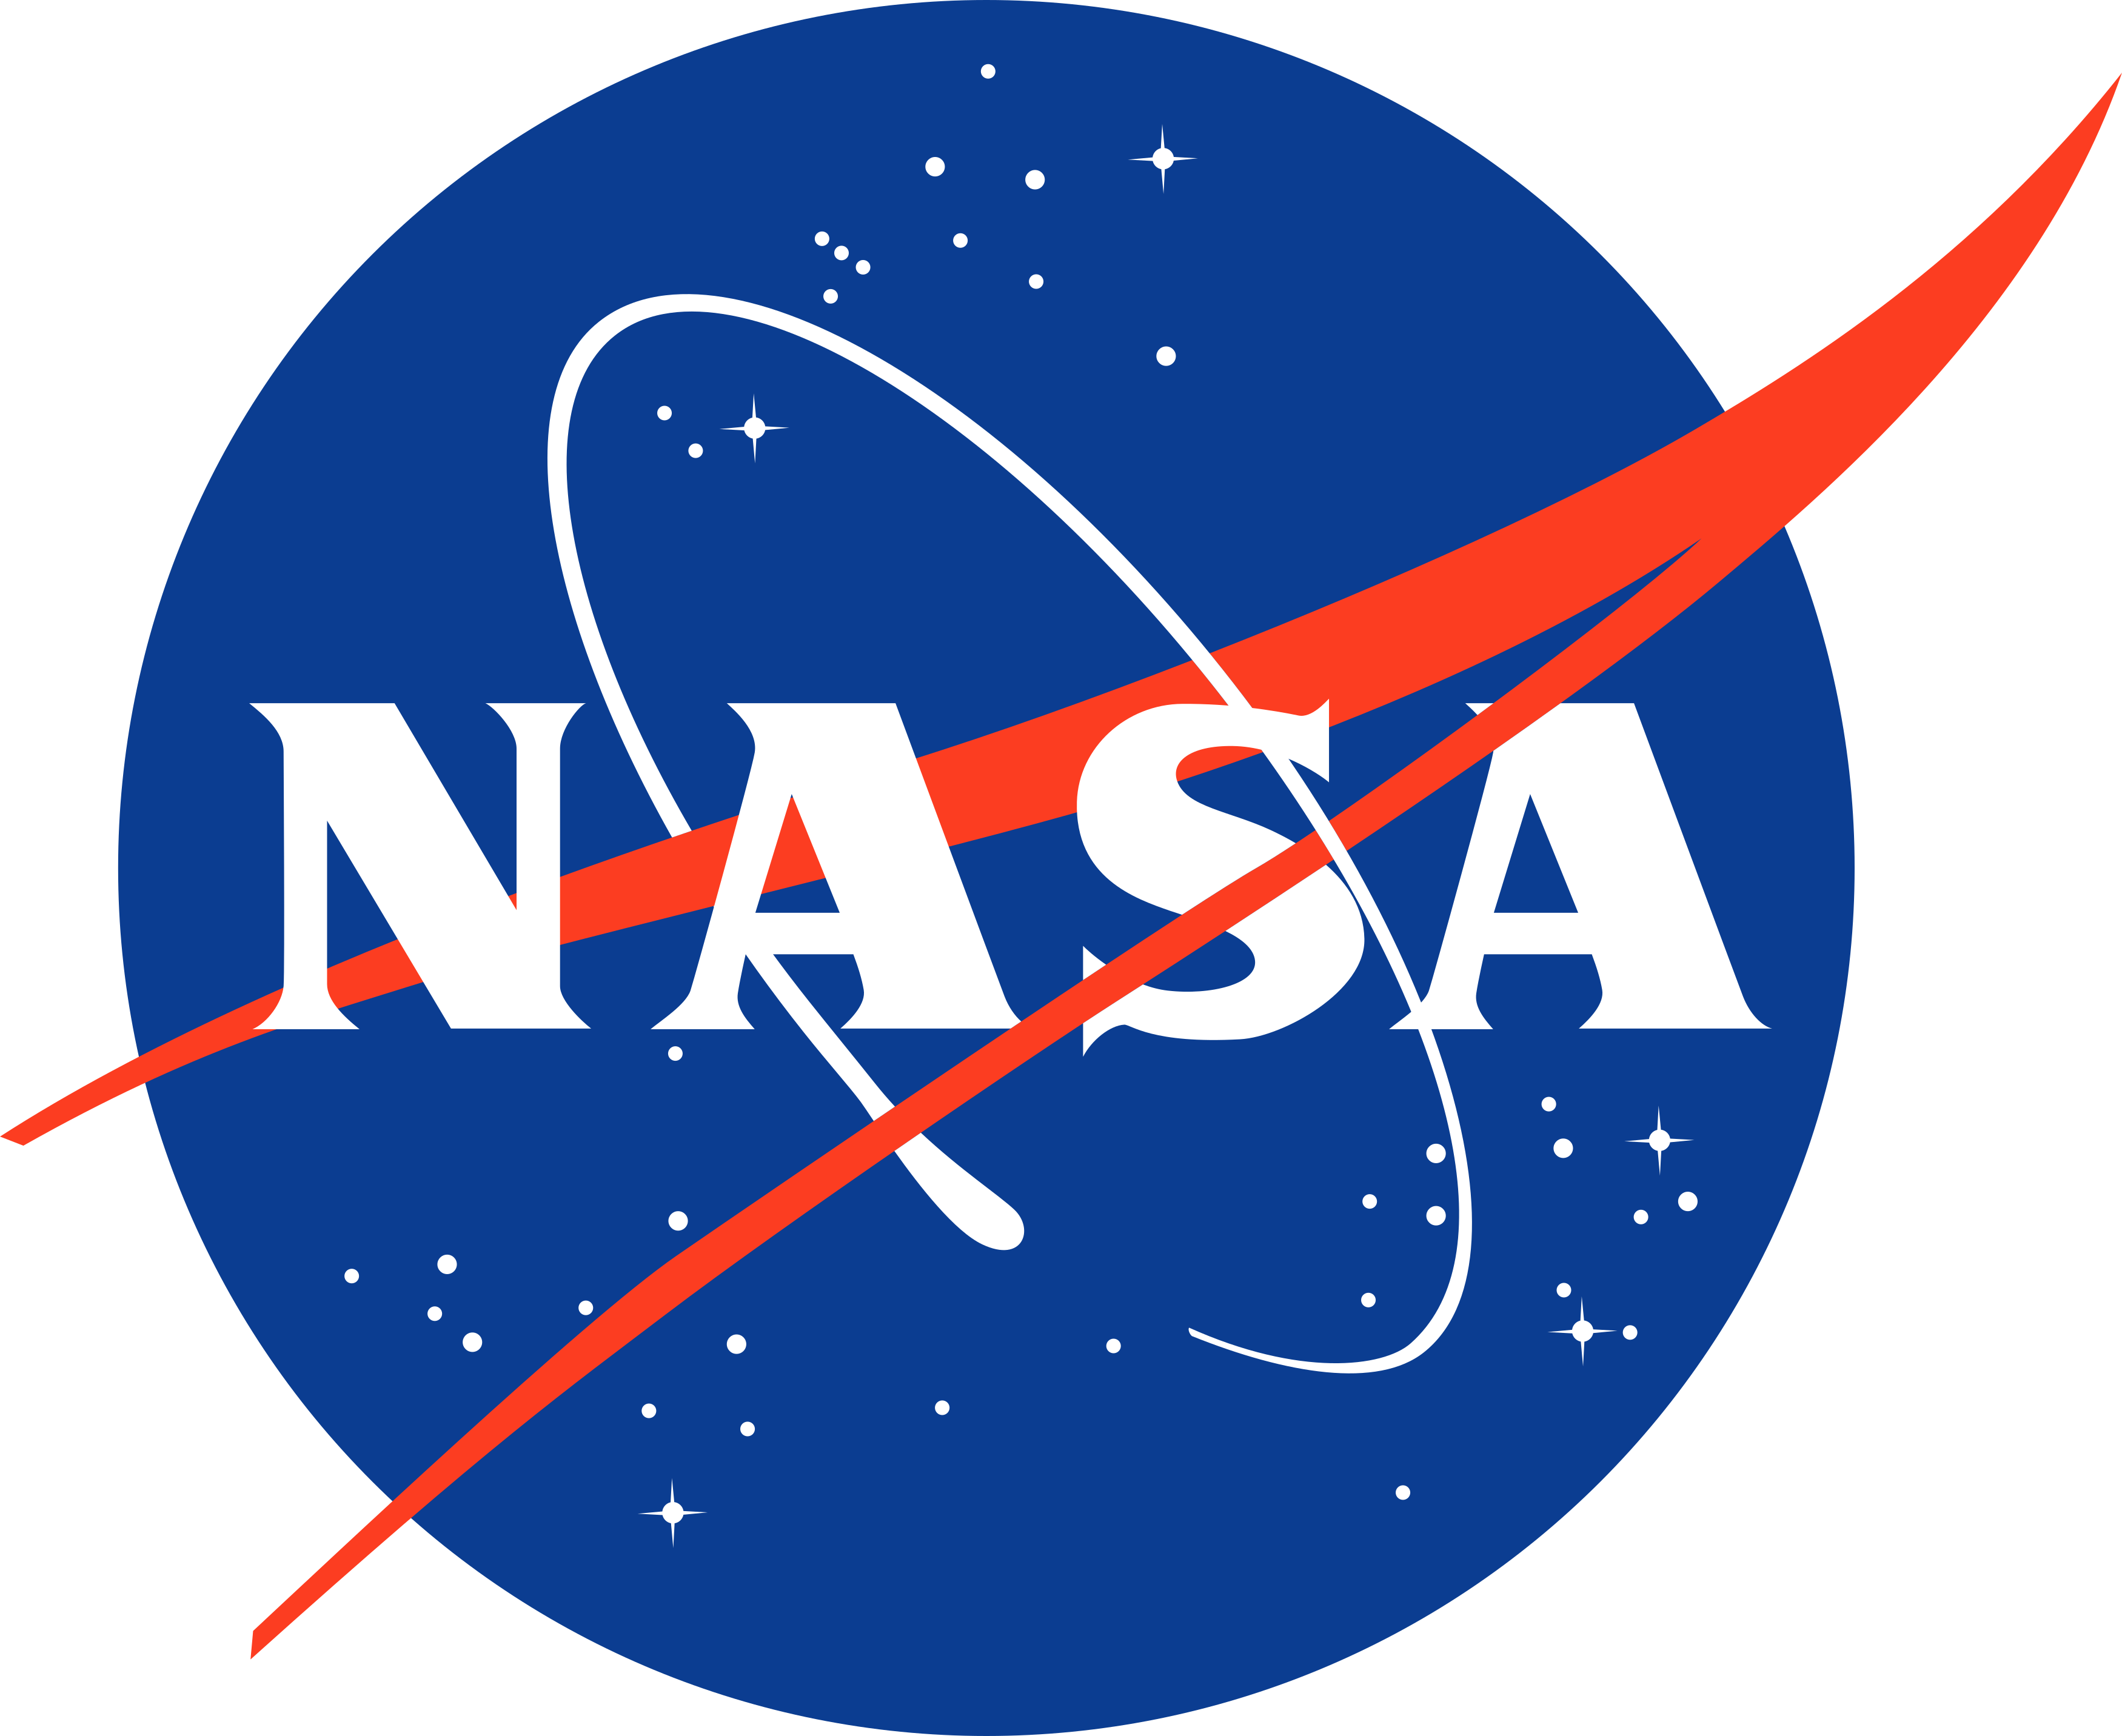 NASA_Isologotype